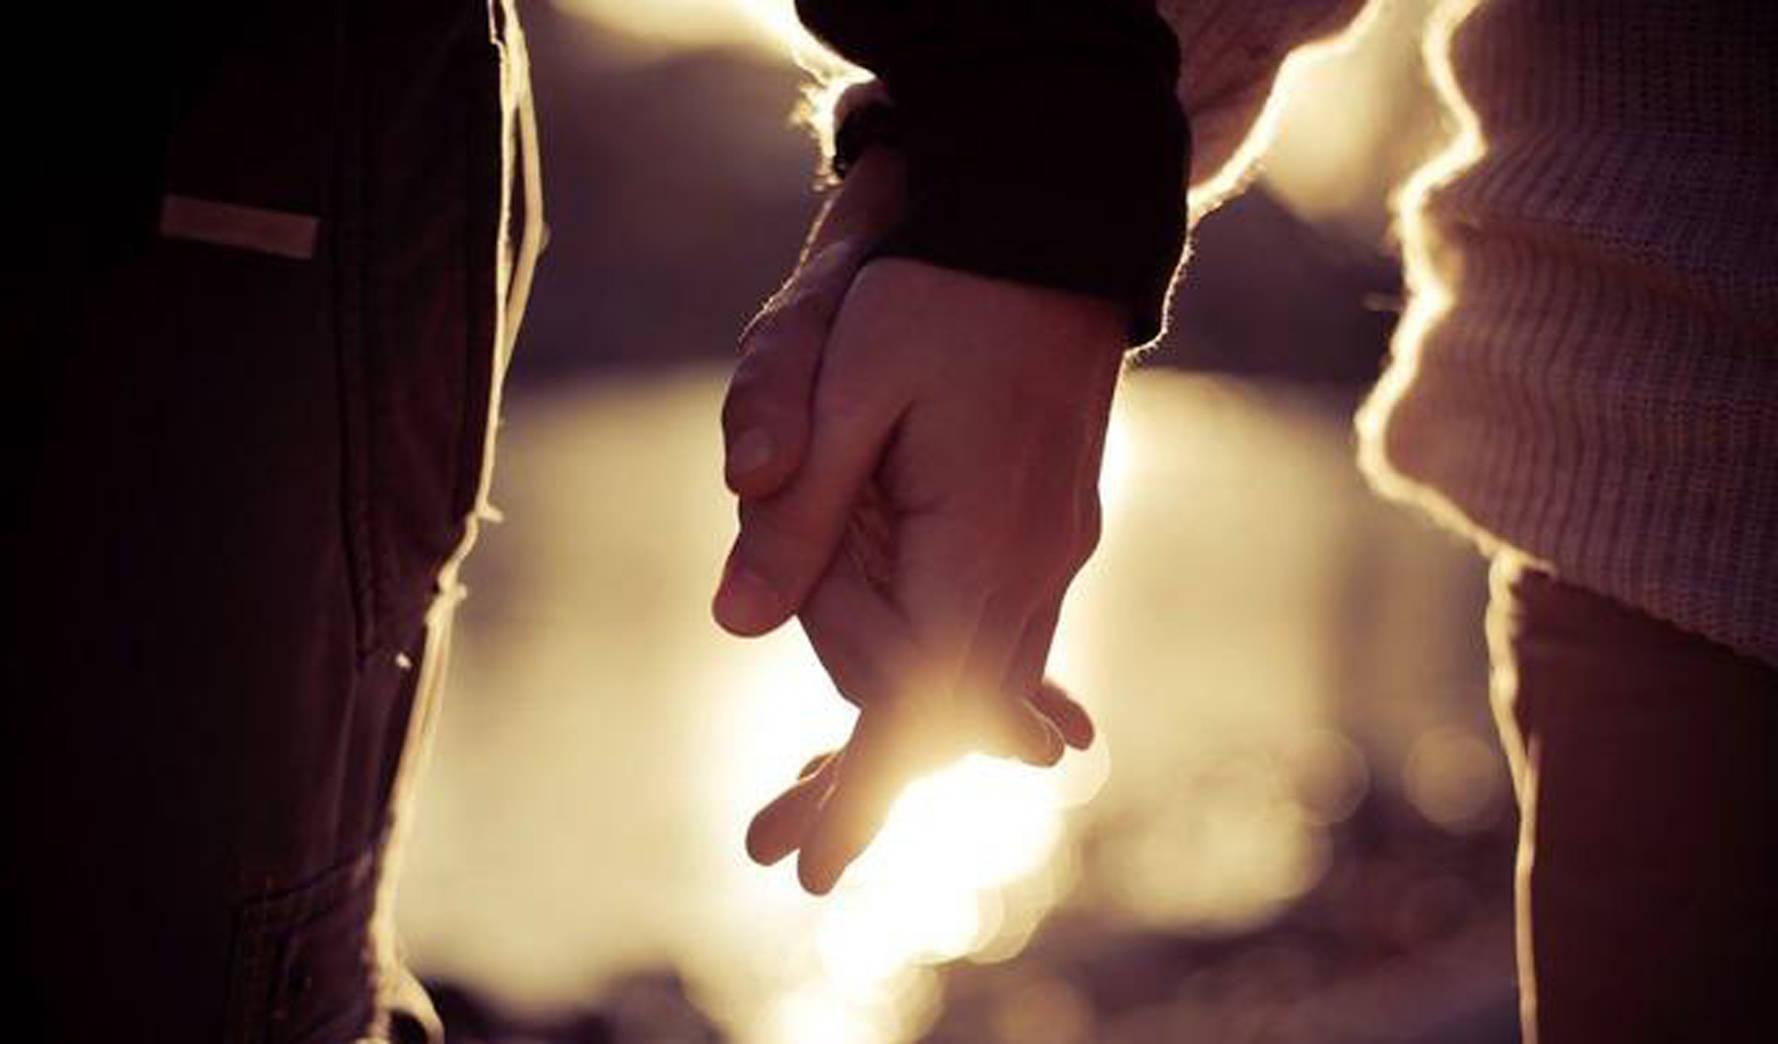 五种婚姻趁早放手 夫妻缘尽的13种表现